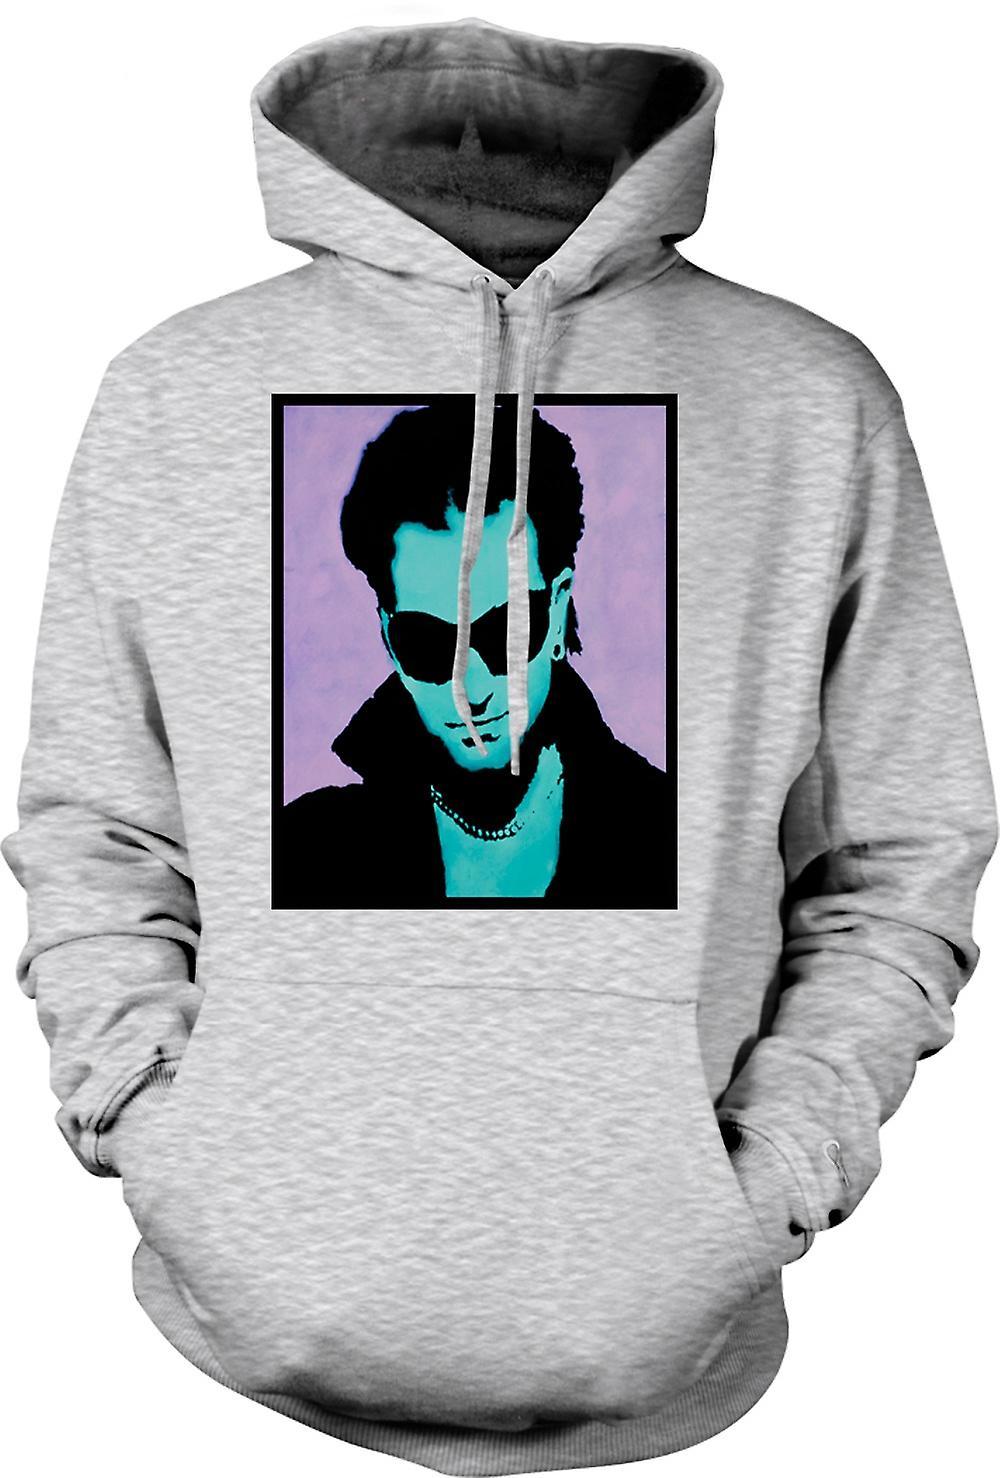 Para hombre con capucha - U2 - Bono - Pop Art